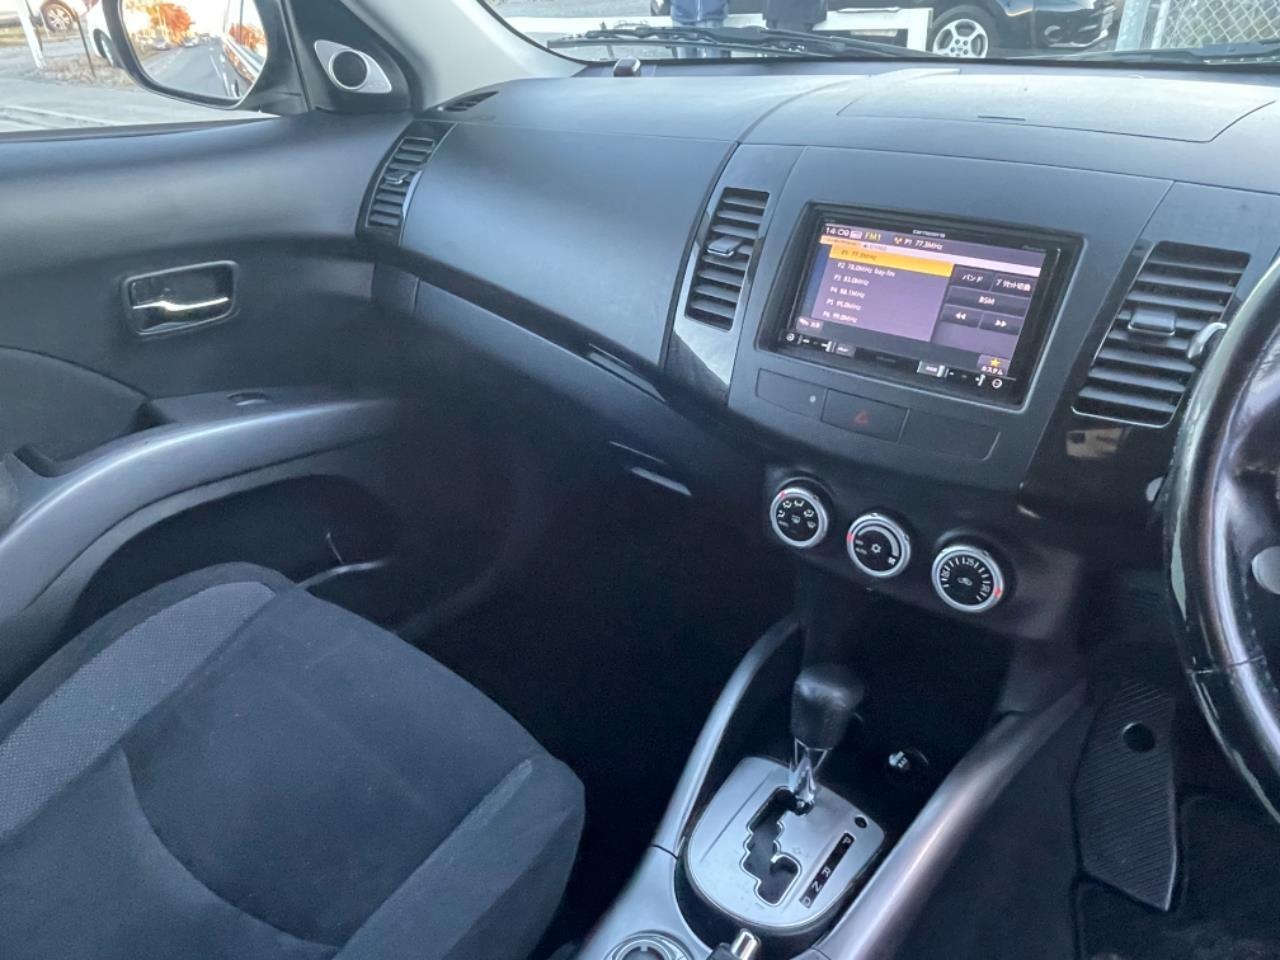 image-9, 2007 Mitsubishi Outlander 24G 4WD 7-Seater at Christchurch